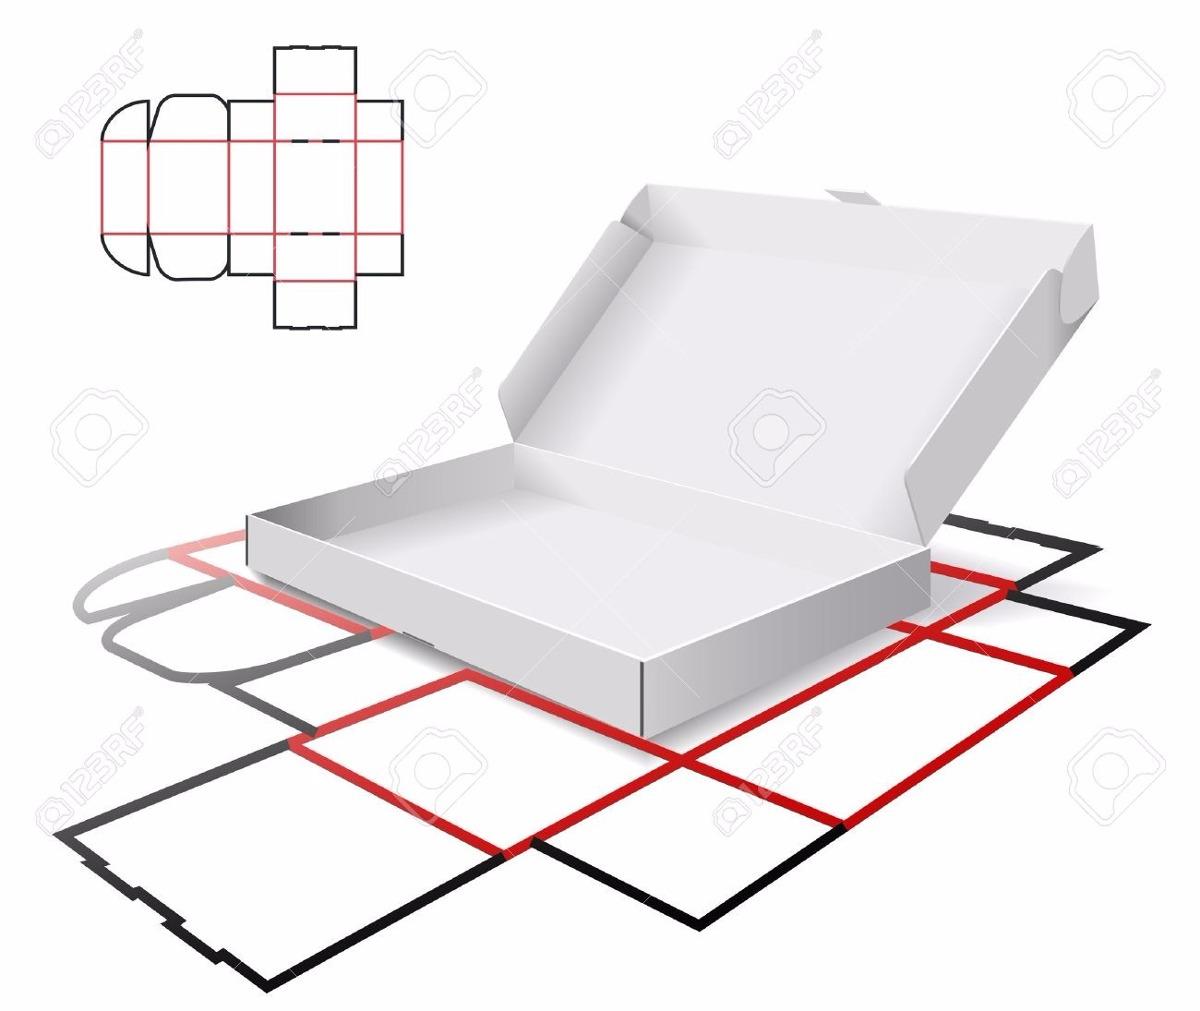 Plantilla Y Corte Para Cajas De Carton - Bs. 150,00 en Mercado Libre